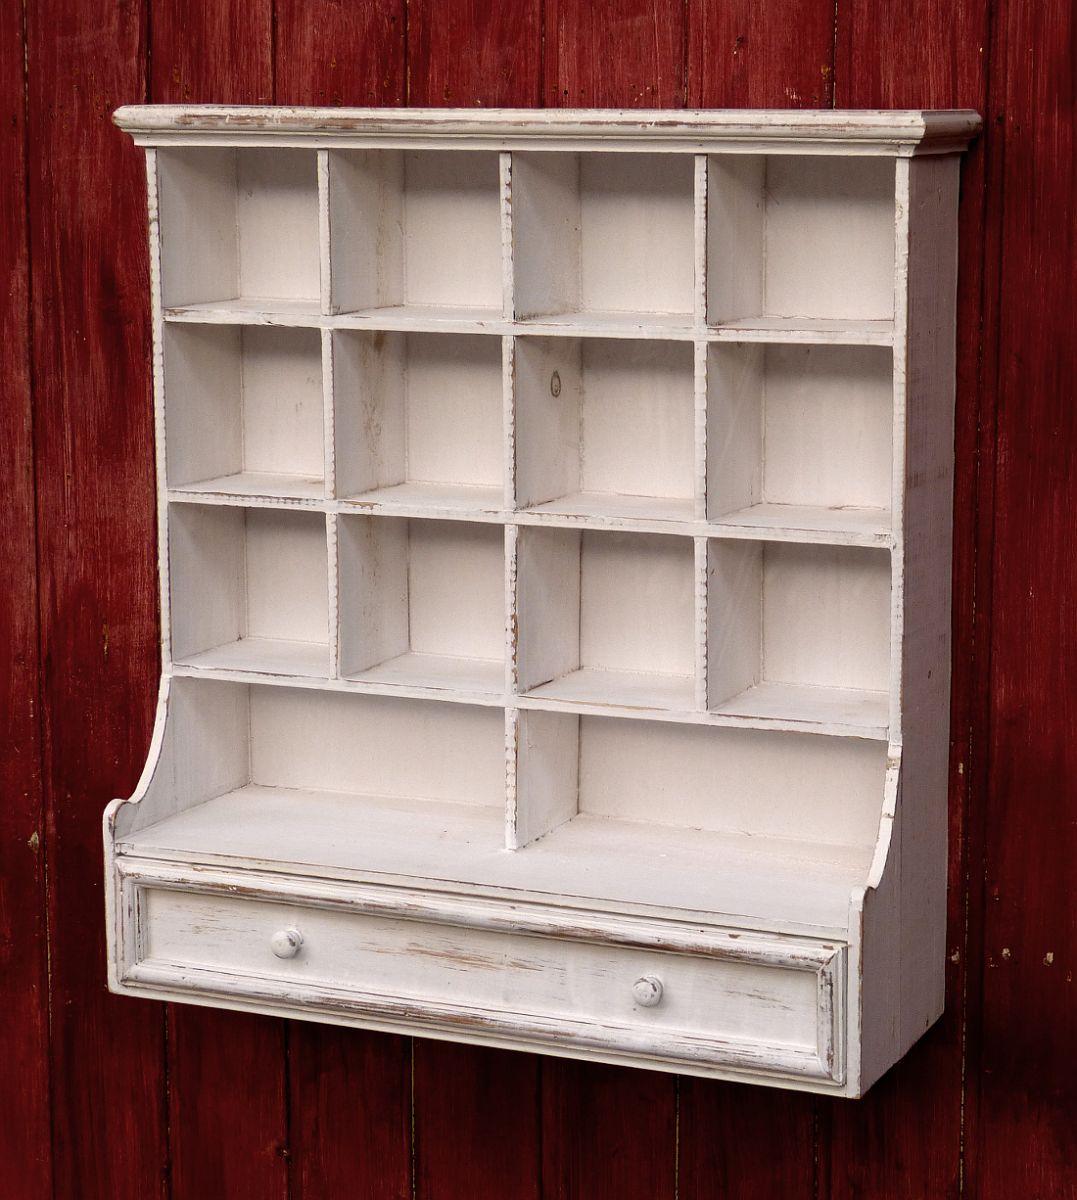 Hängeschrank Küchenschrank Küchenregal Shabby Chic Weiß 1 Schublade ...